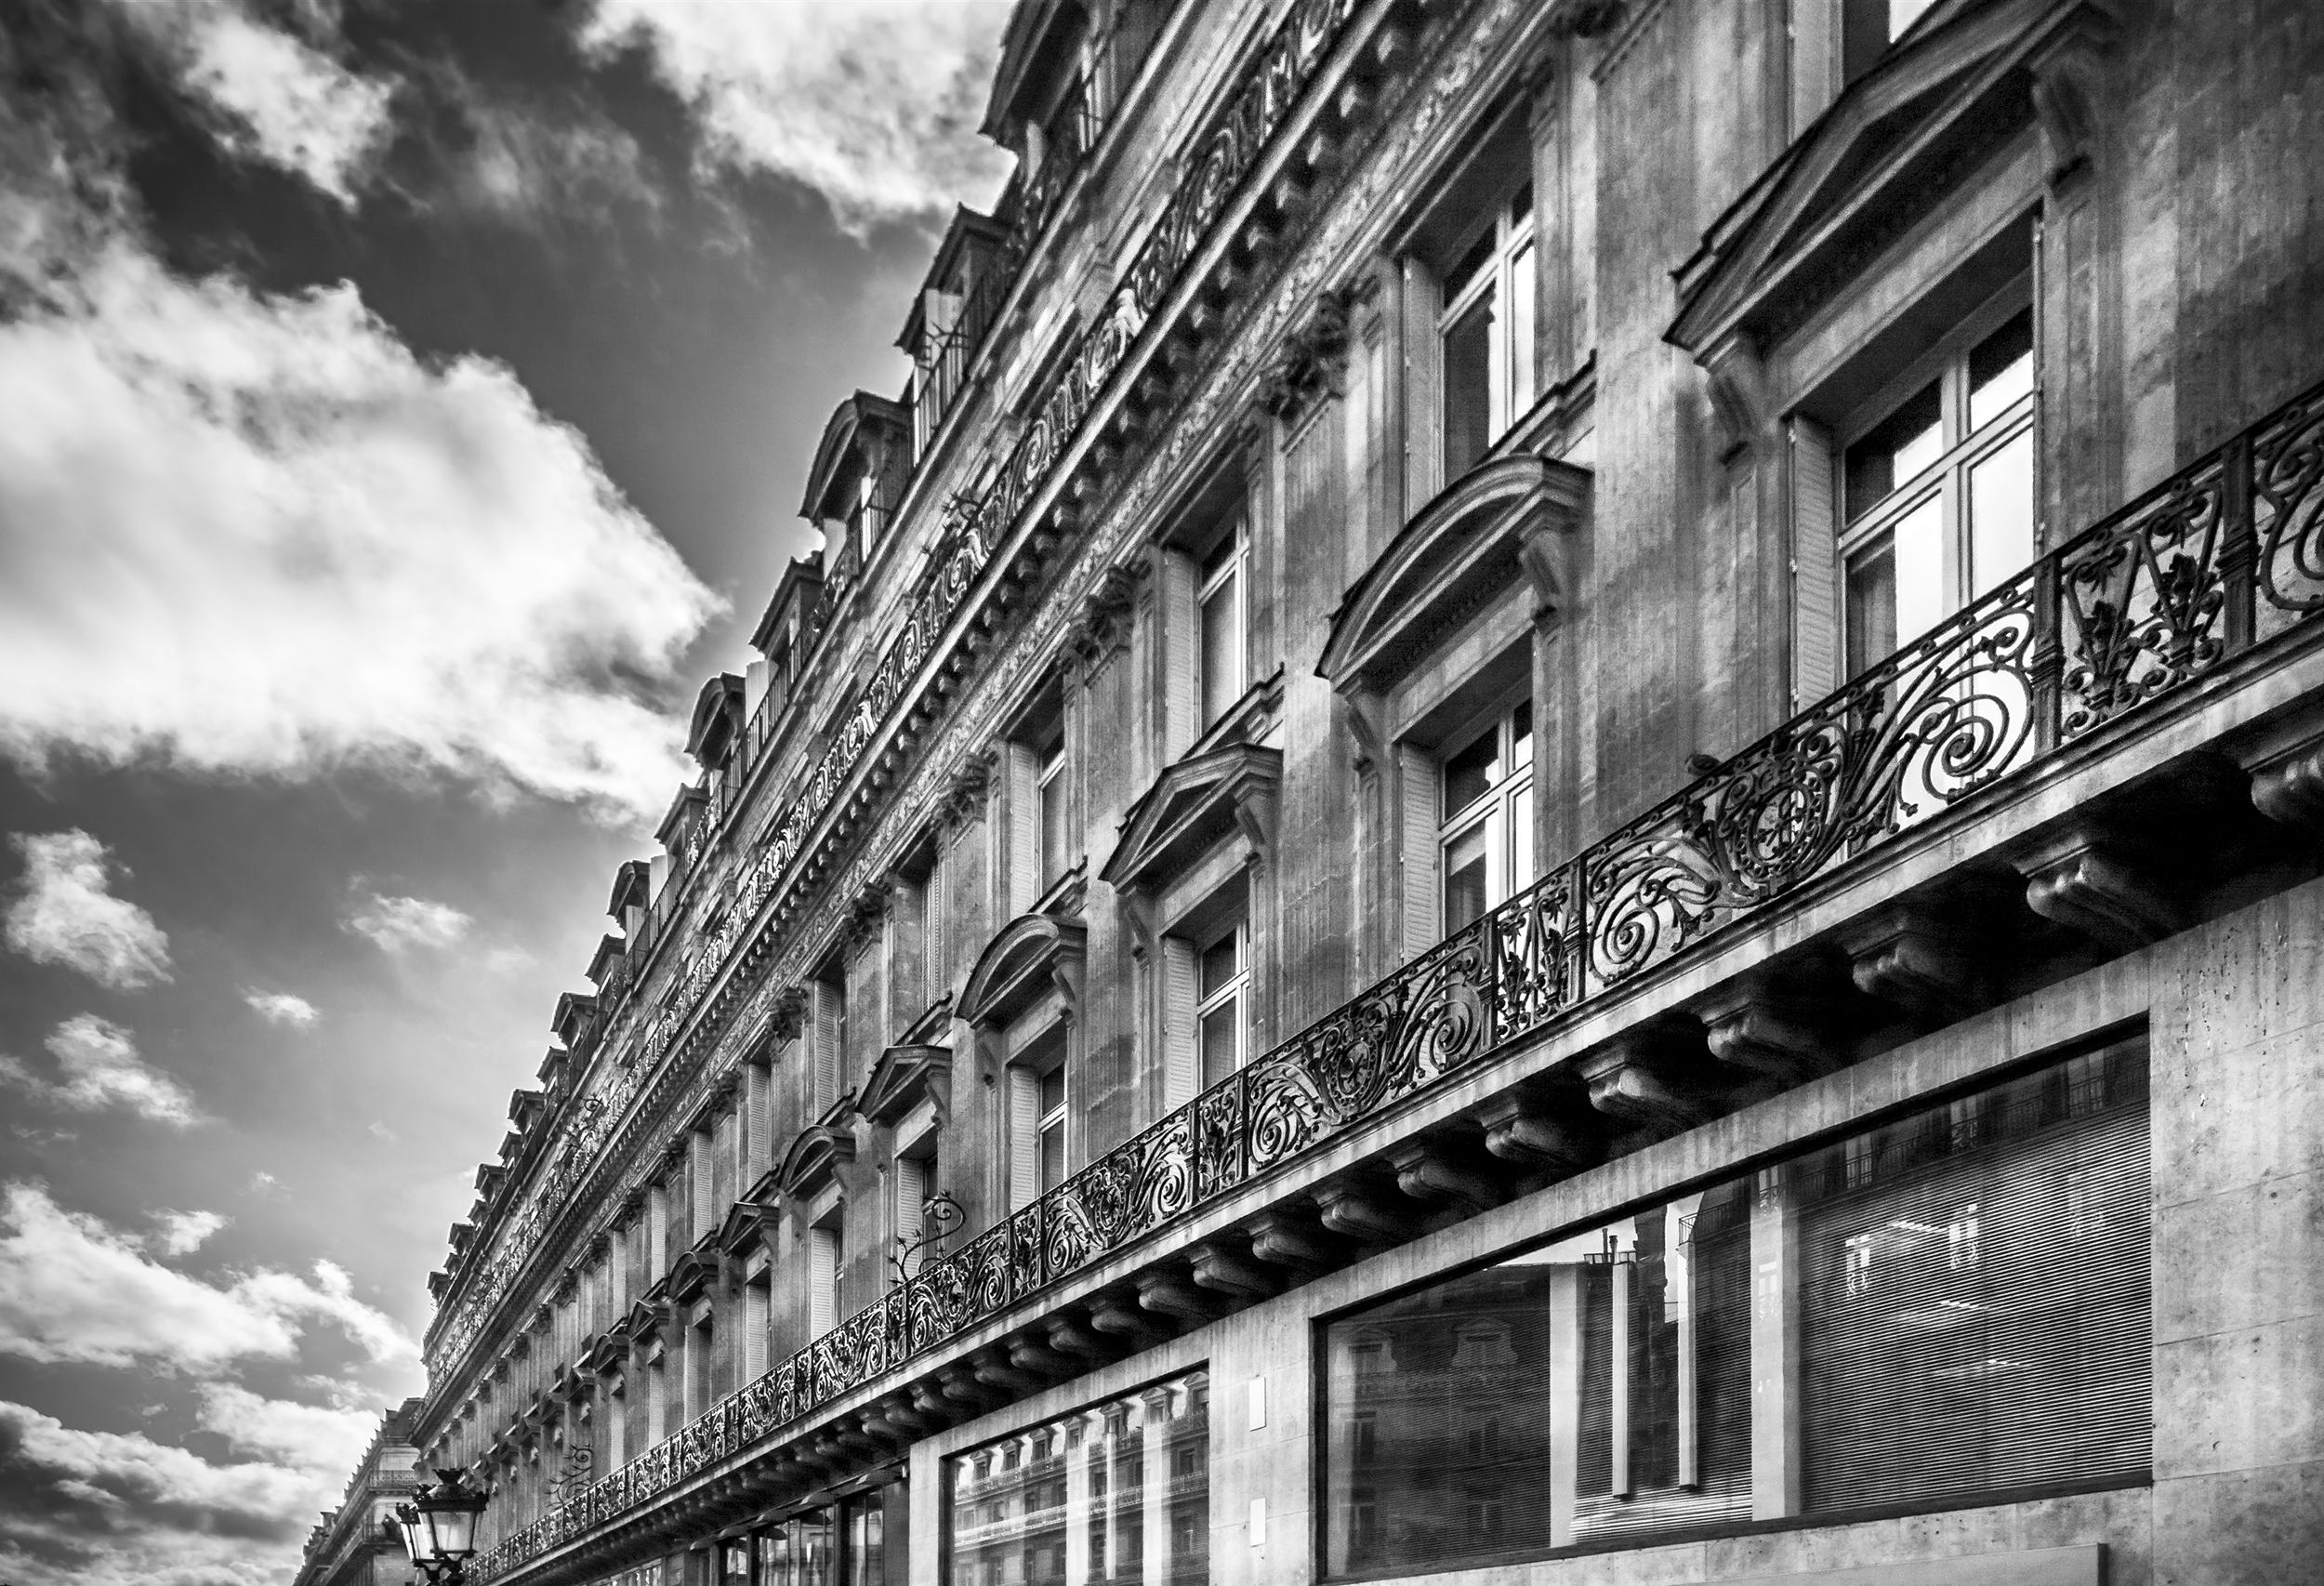 fotografia-de-arquitetura-exteriores-19.jpg